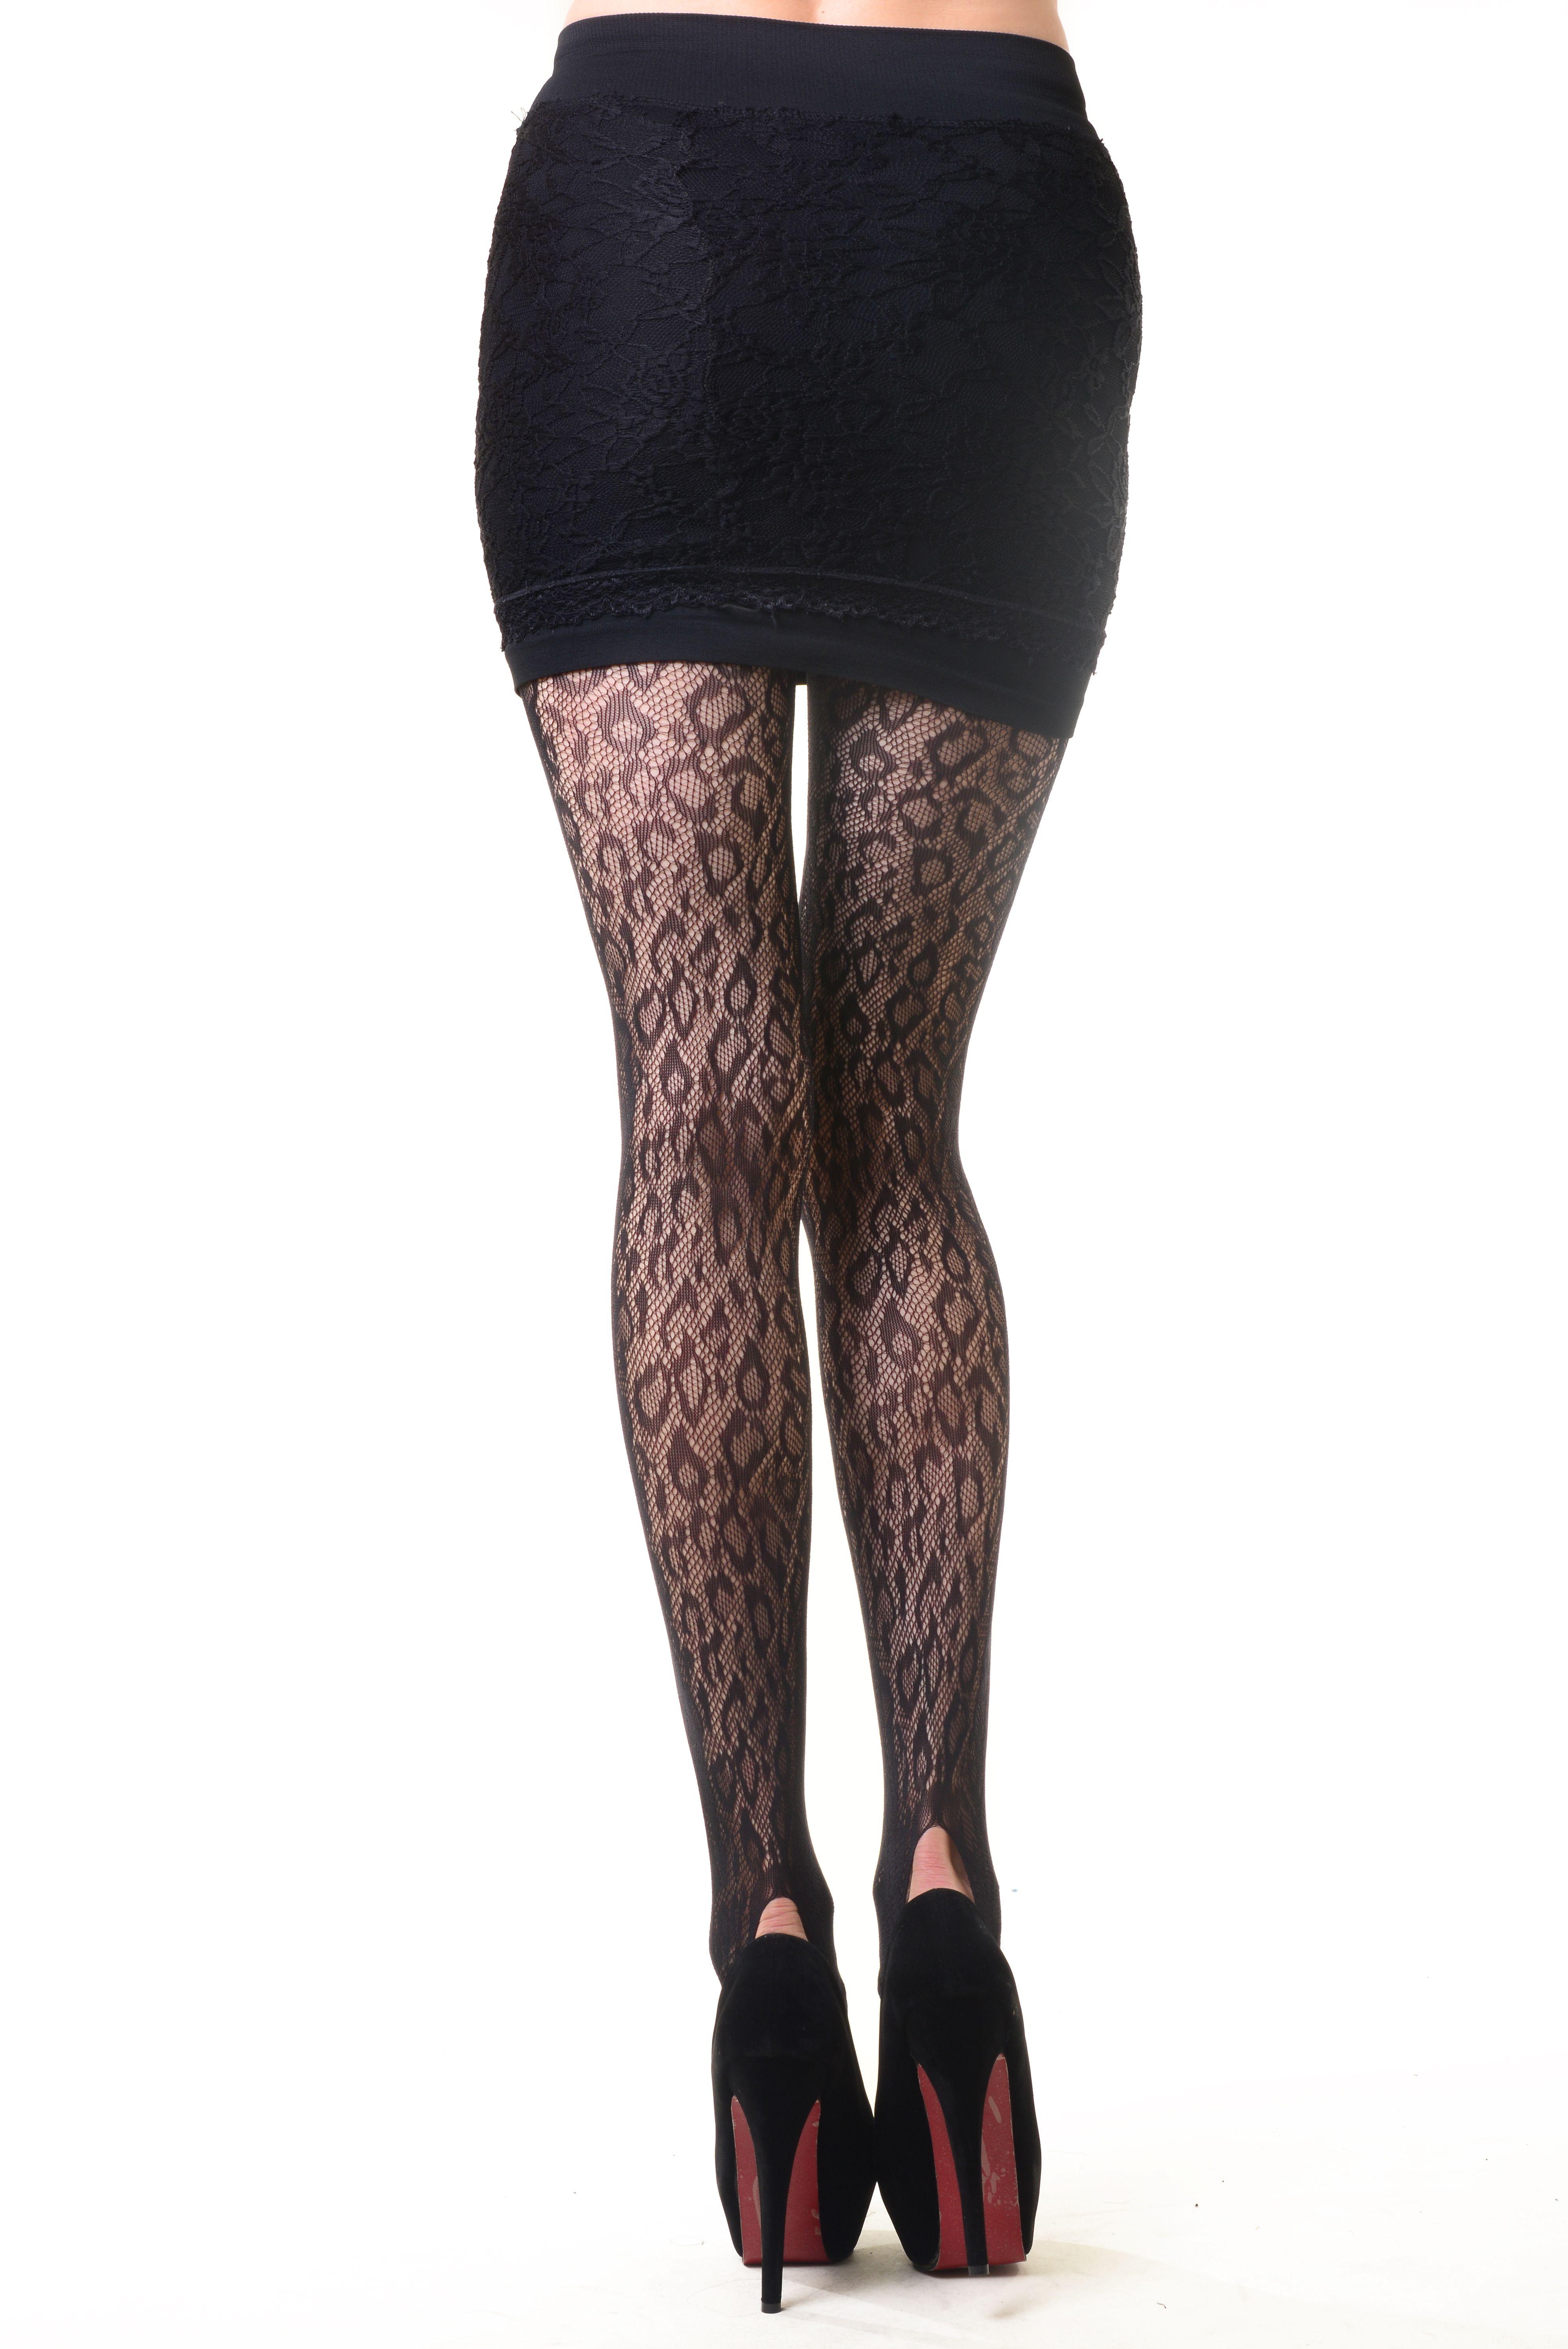 a443f4a54 Women Fashion Design Cheetah Leopard Fishnet Tights